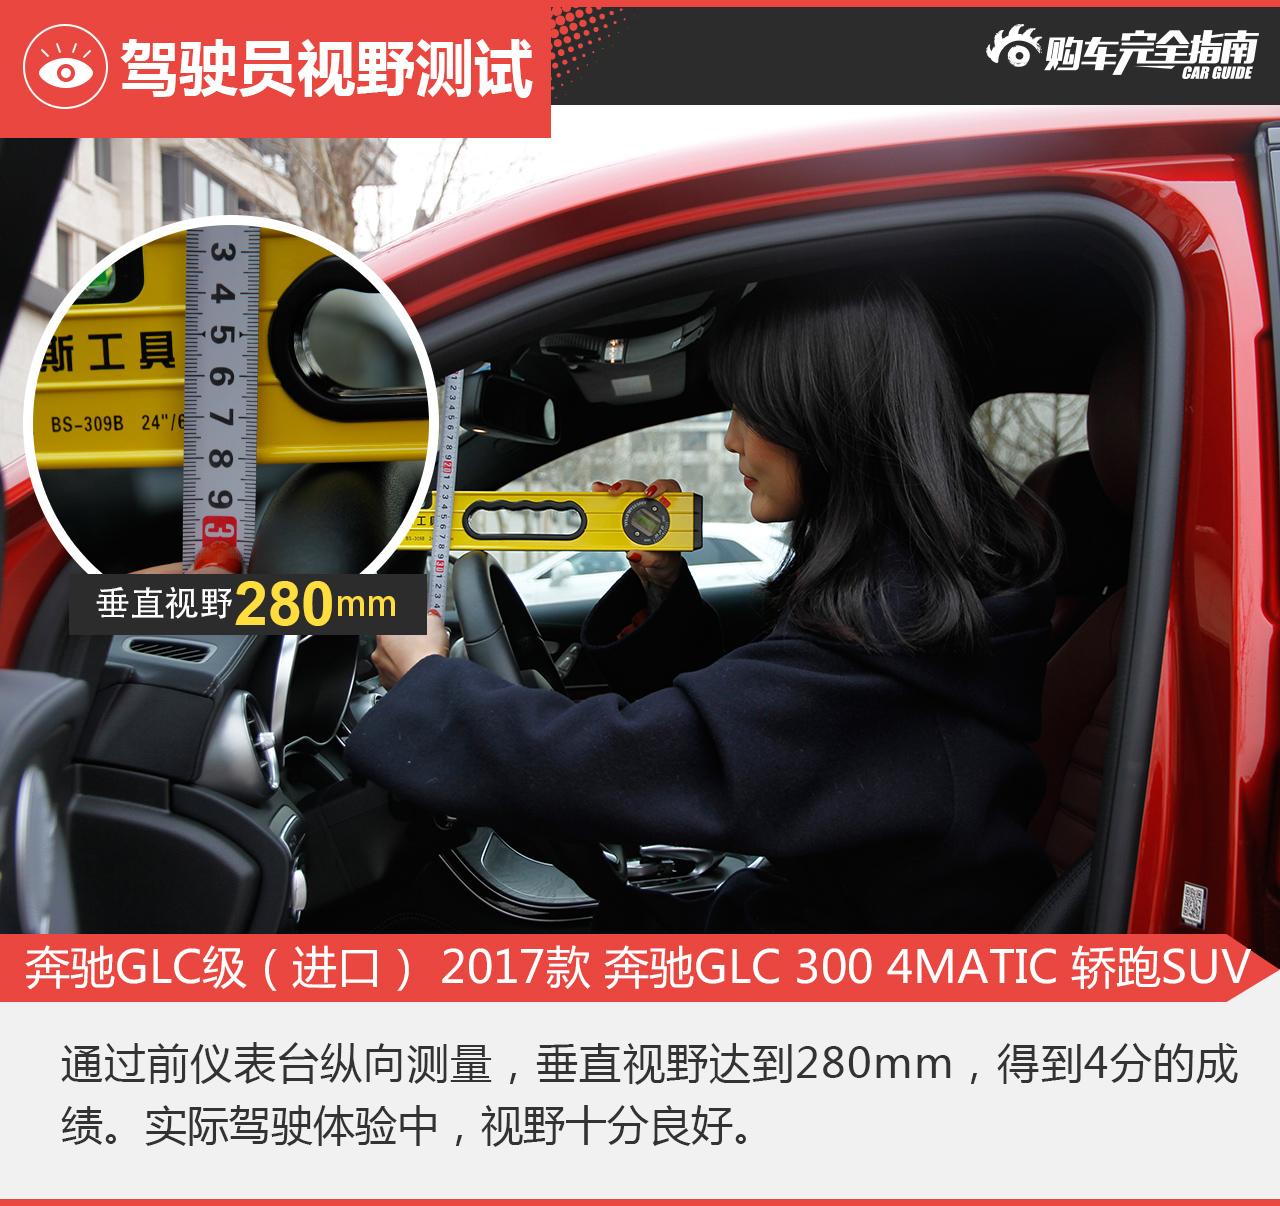 奔驰GLC级(进口) 2017款 奔驰GLC 300 4MATIC 轿跑SUV